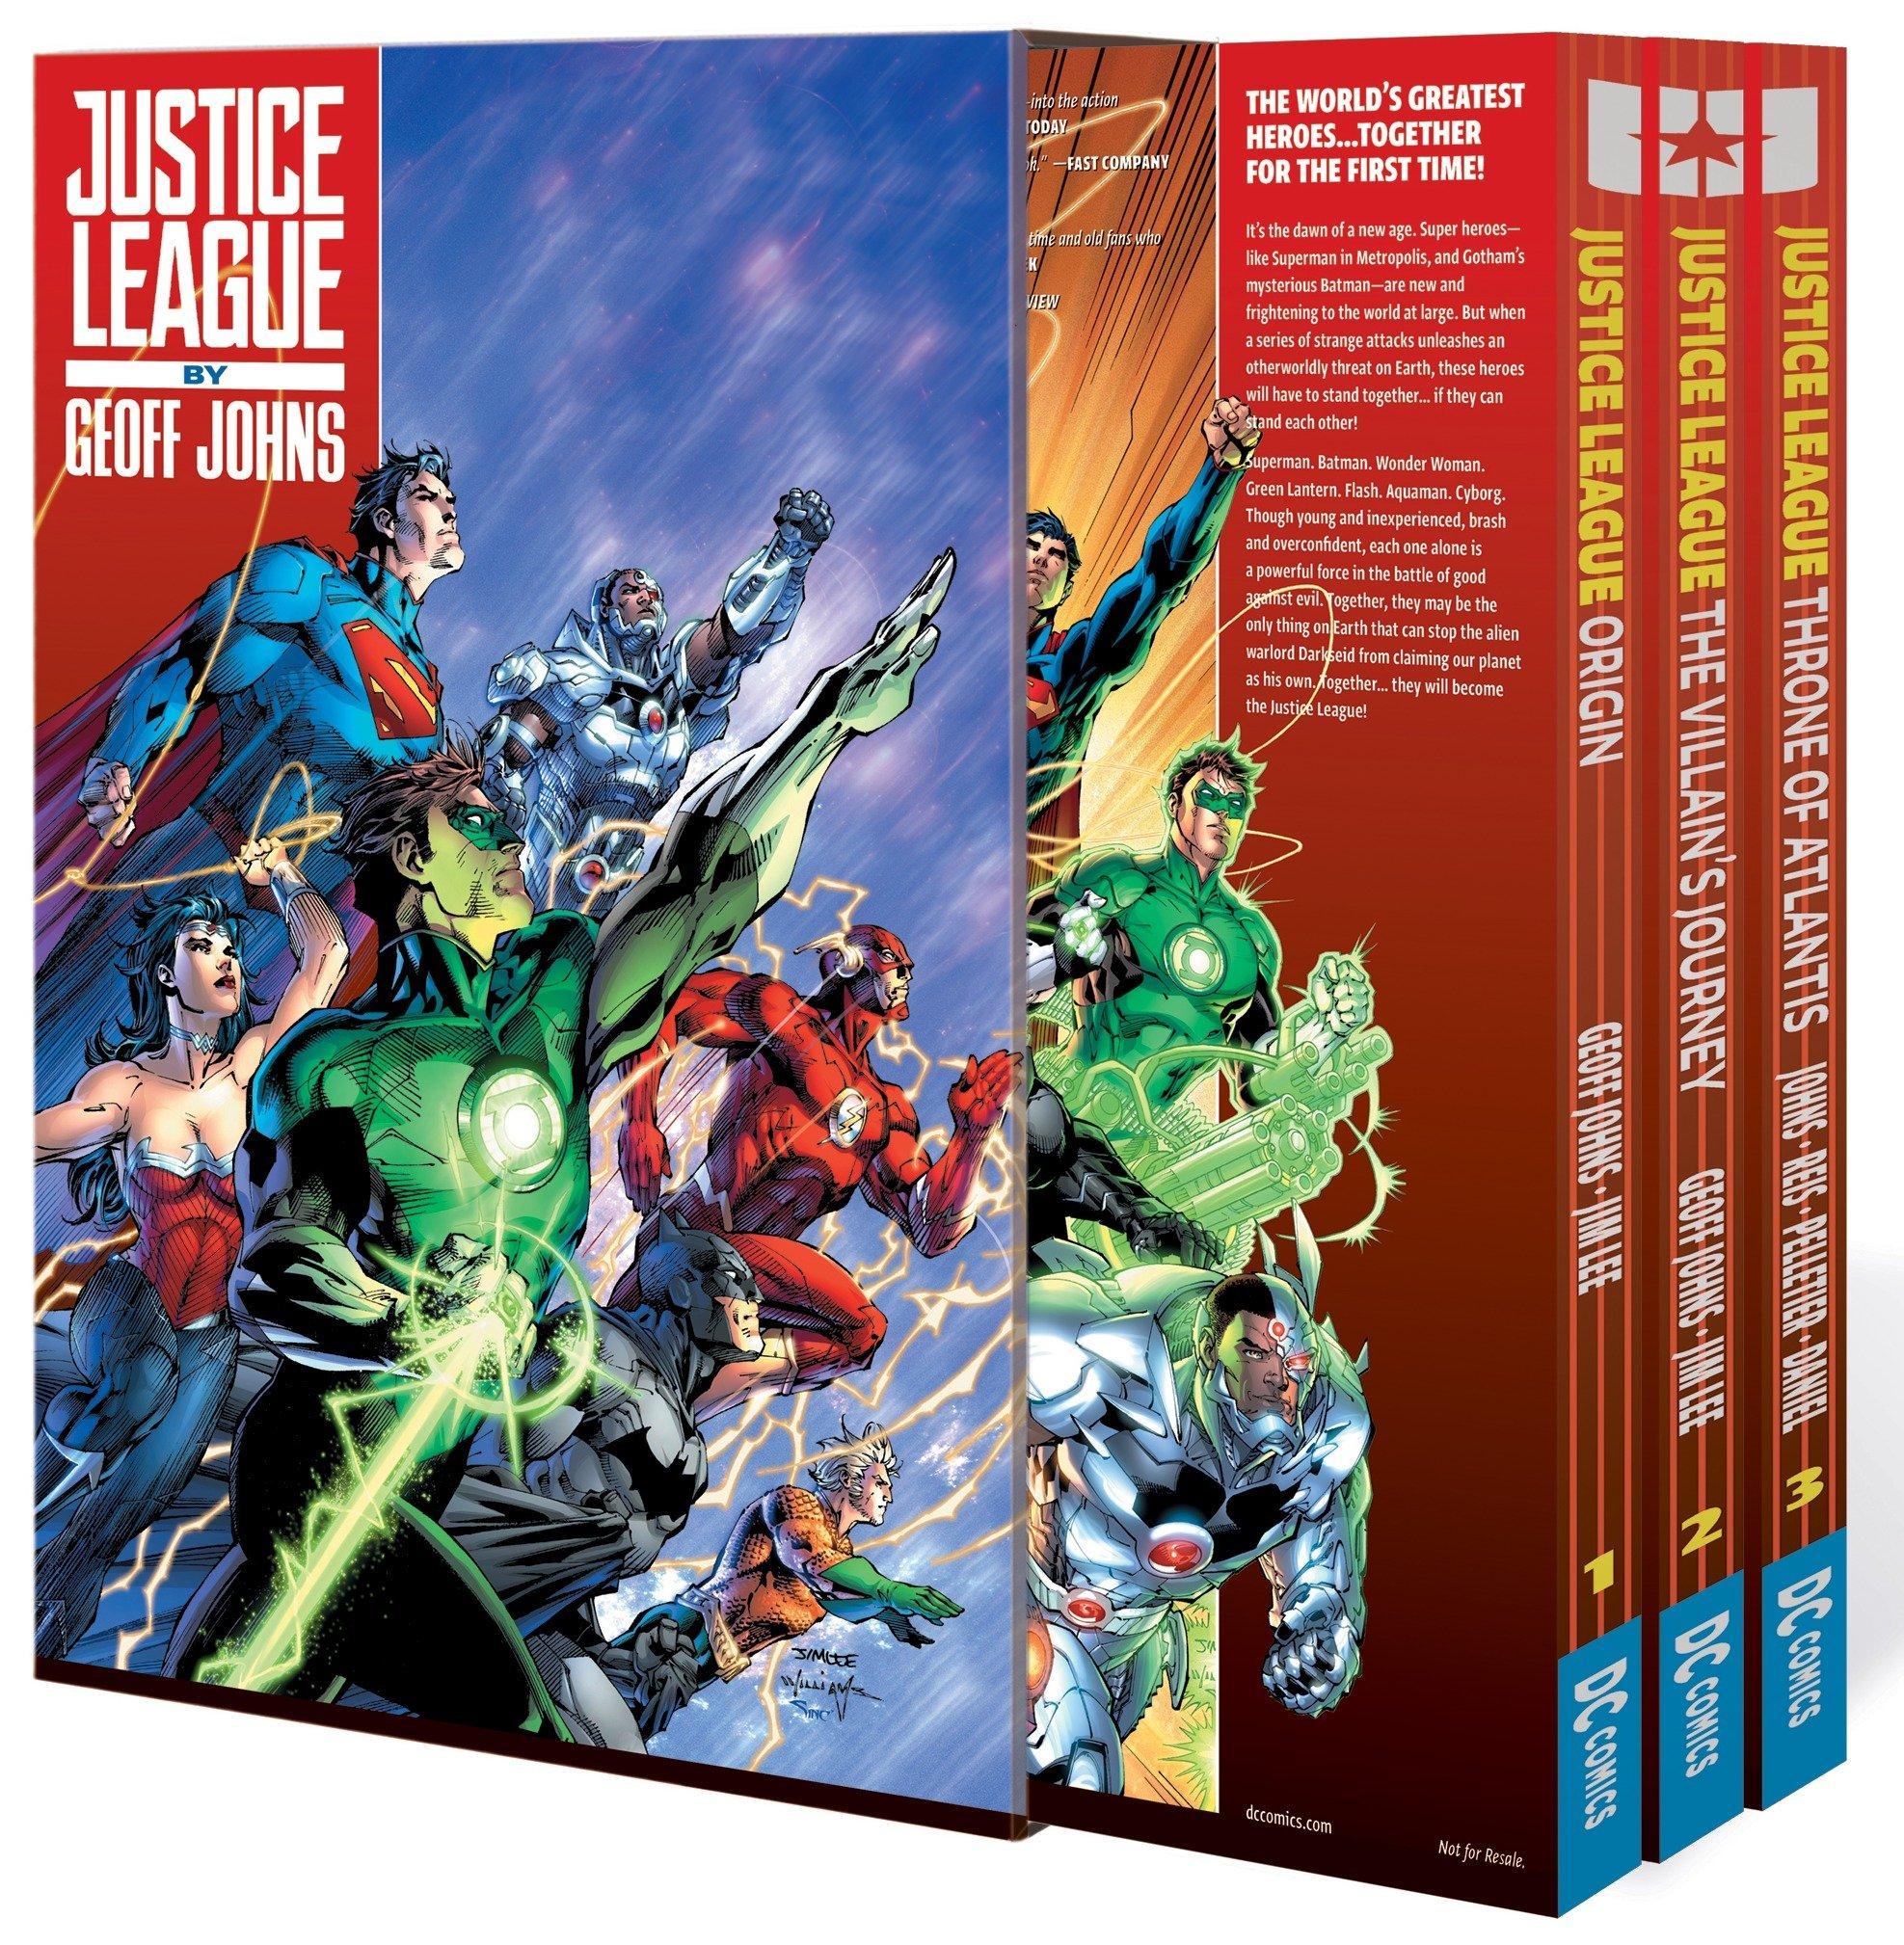 Justice league justice league cot linen 140x200 cm jl163003